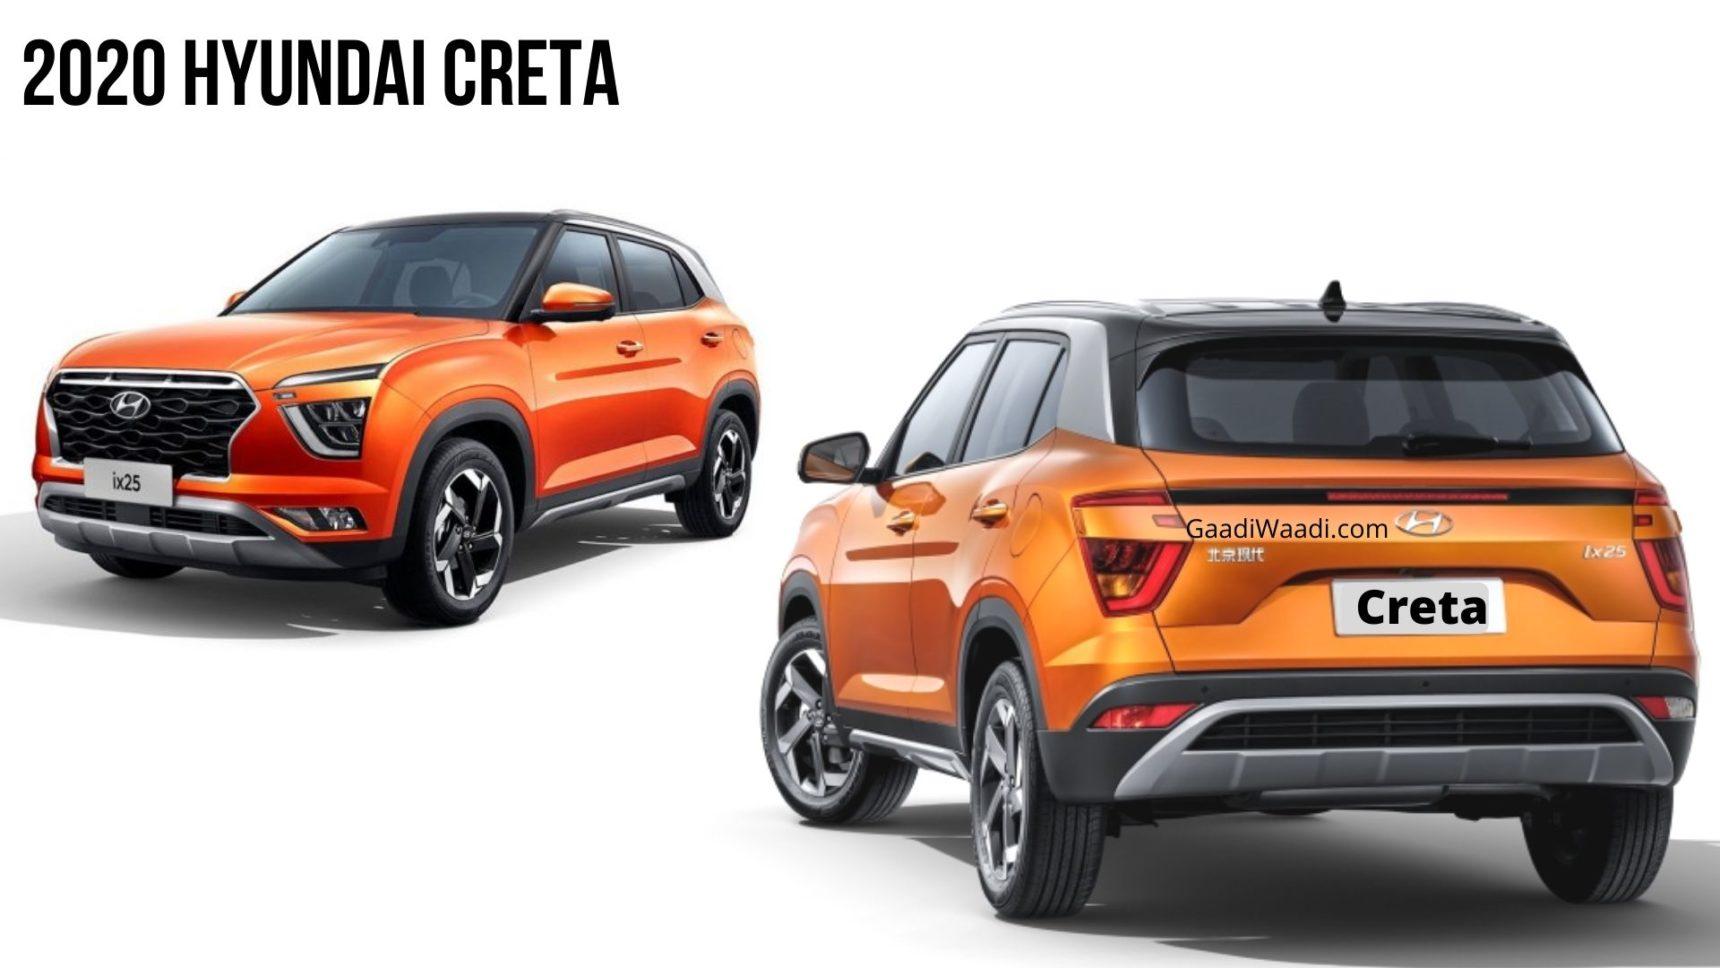 2020 Hyundai Creta Vs Current Gen Creta Specs Design Comparison